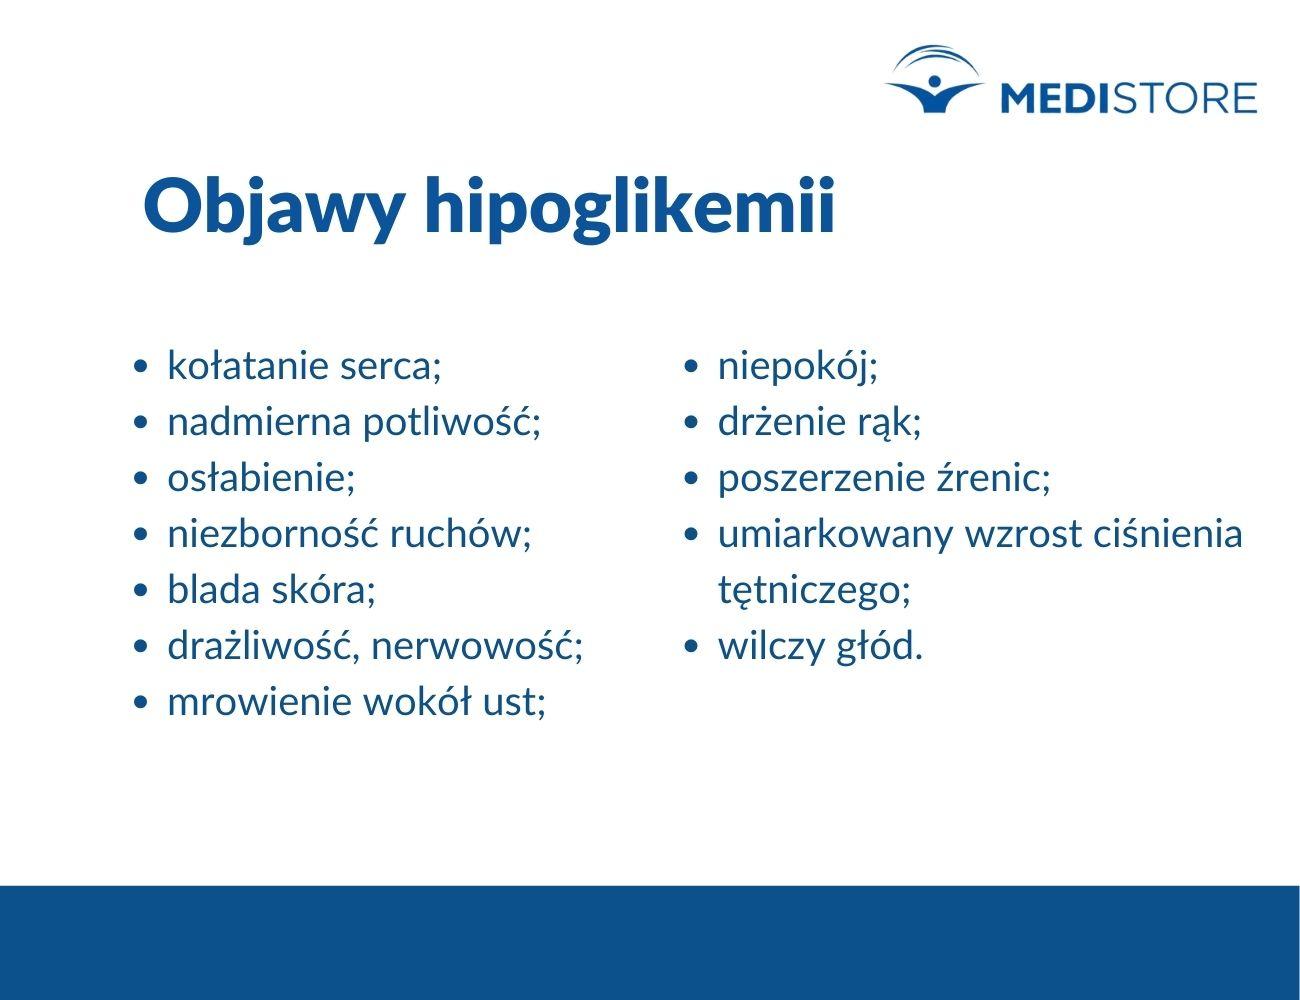 hipoglikemia objawy